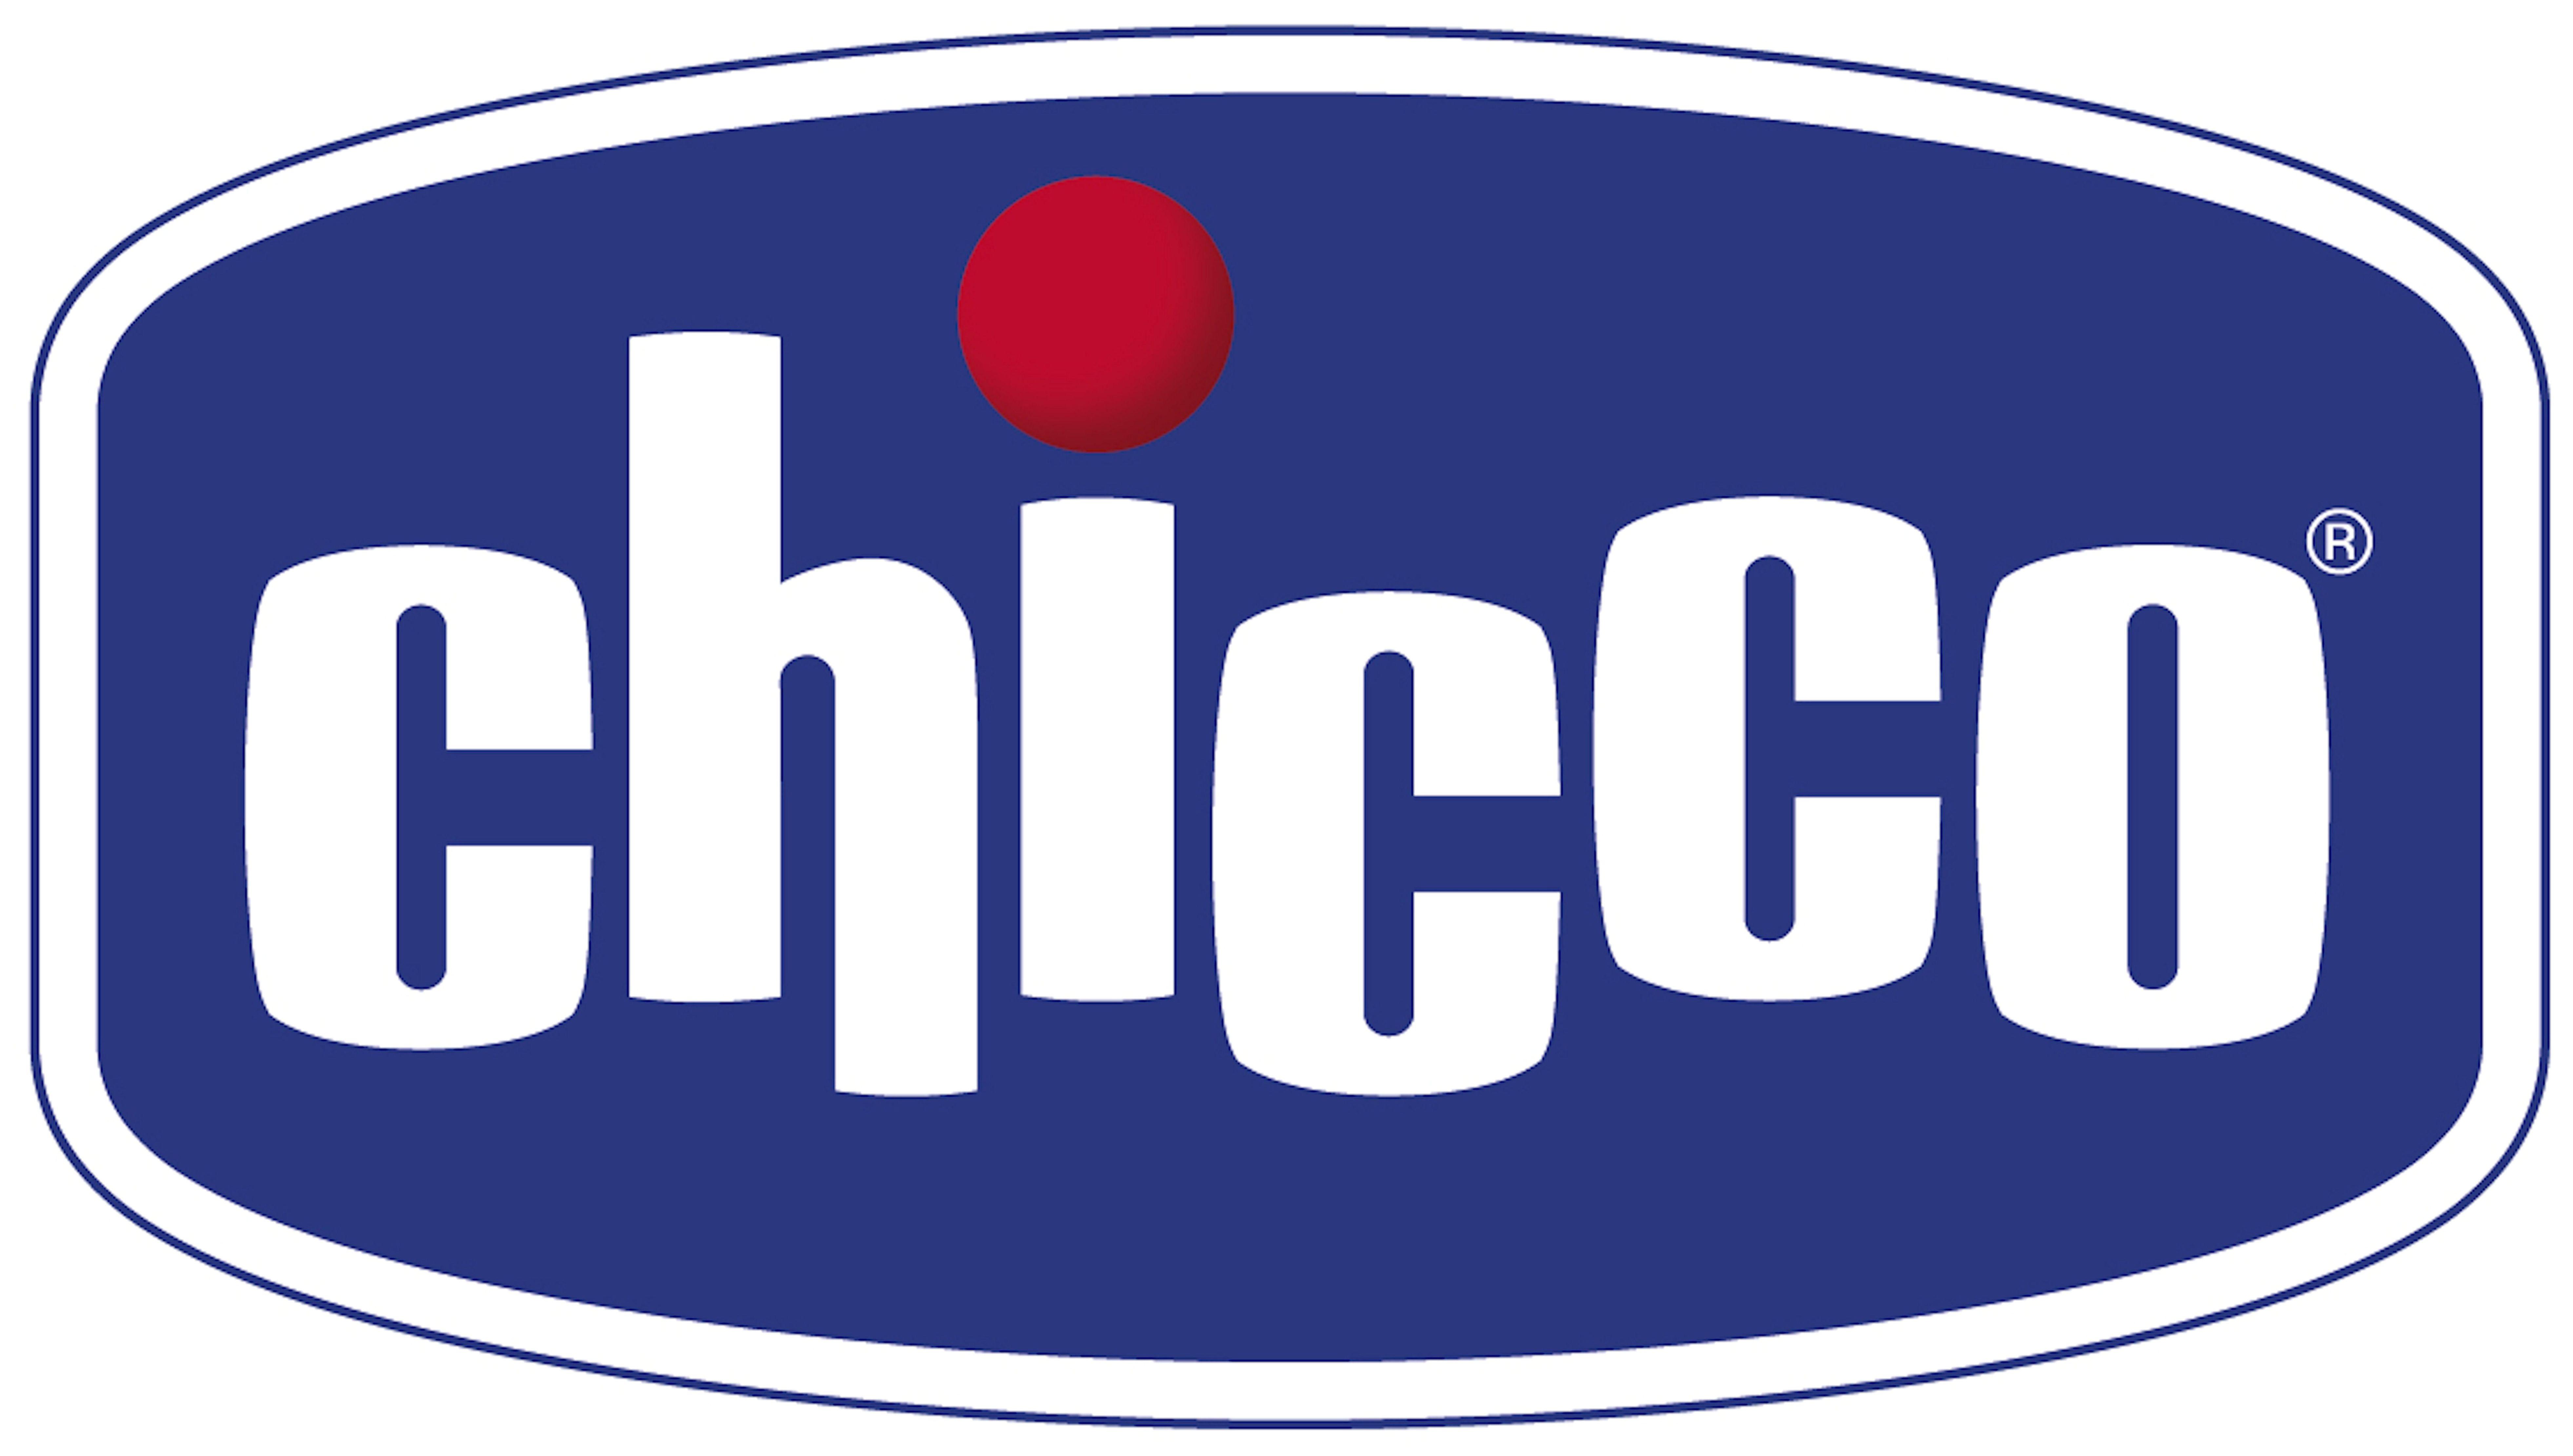 Comprar Chicco Online